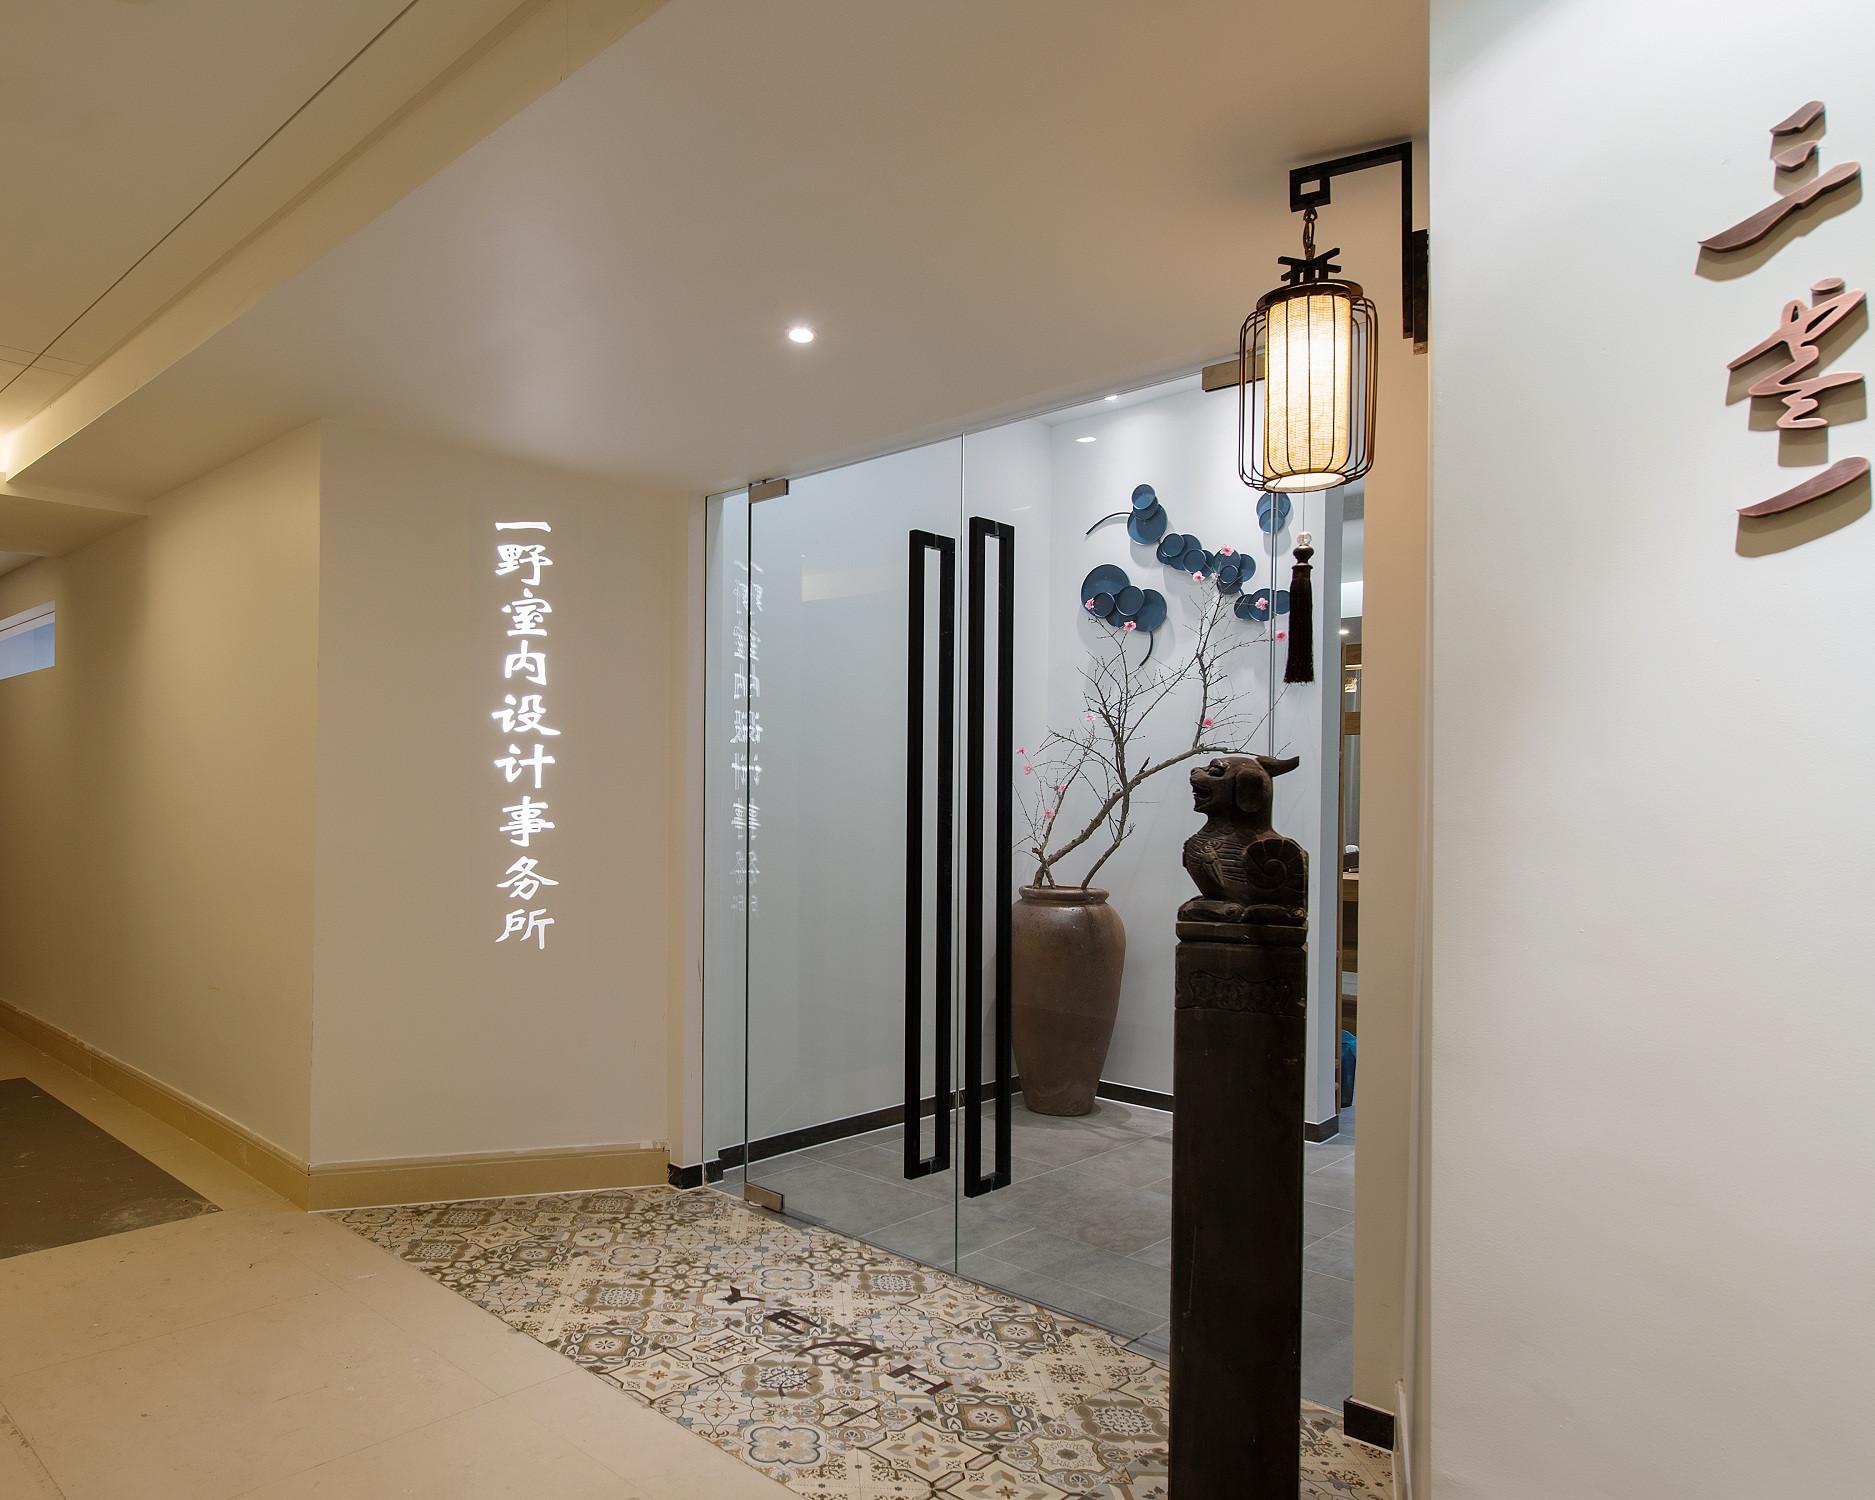 简朴素雅事务所装修入门墙面设计